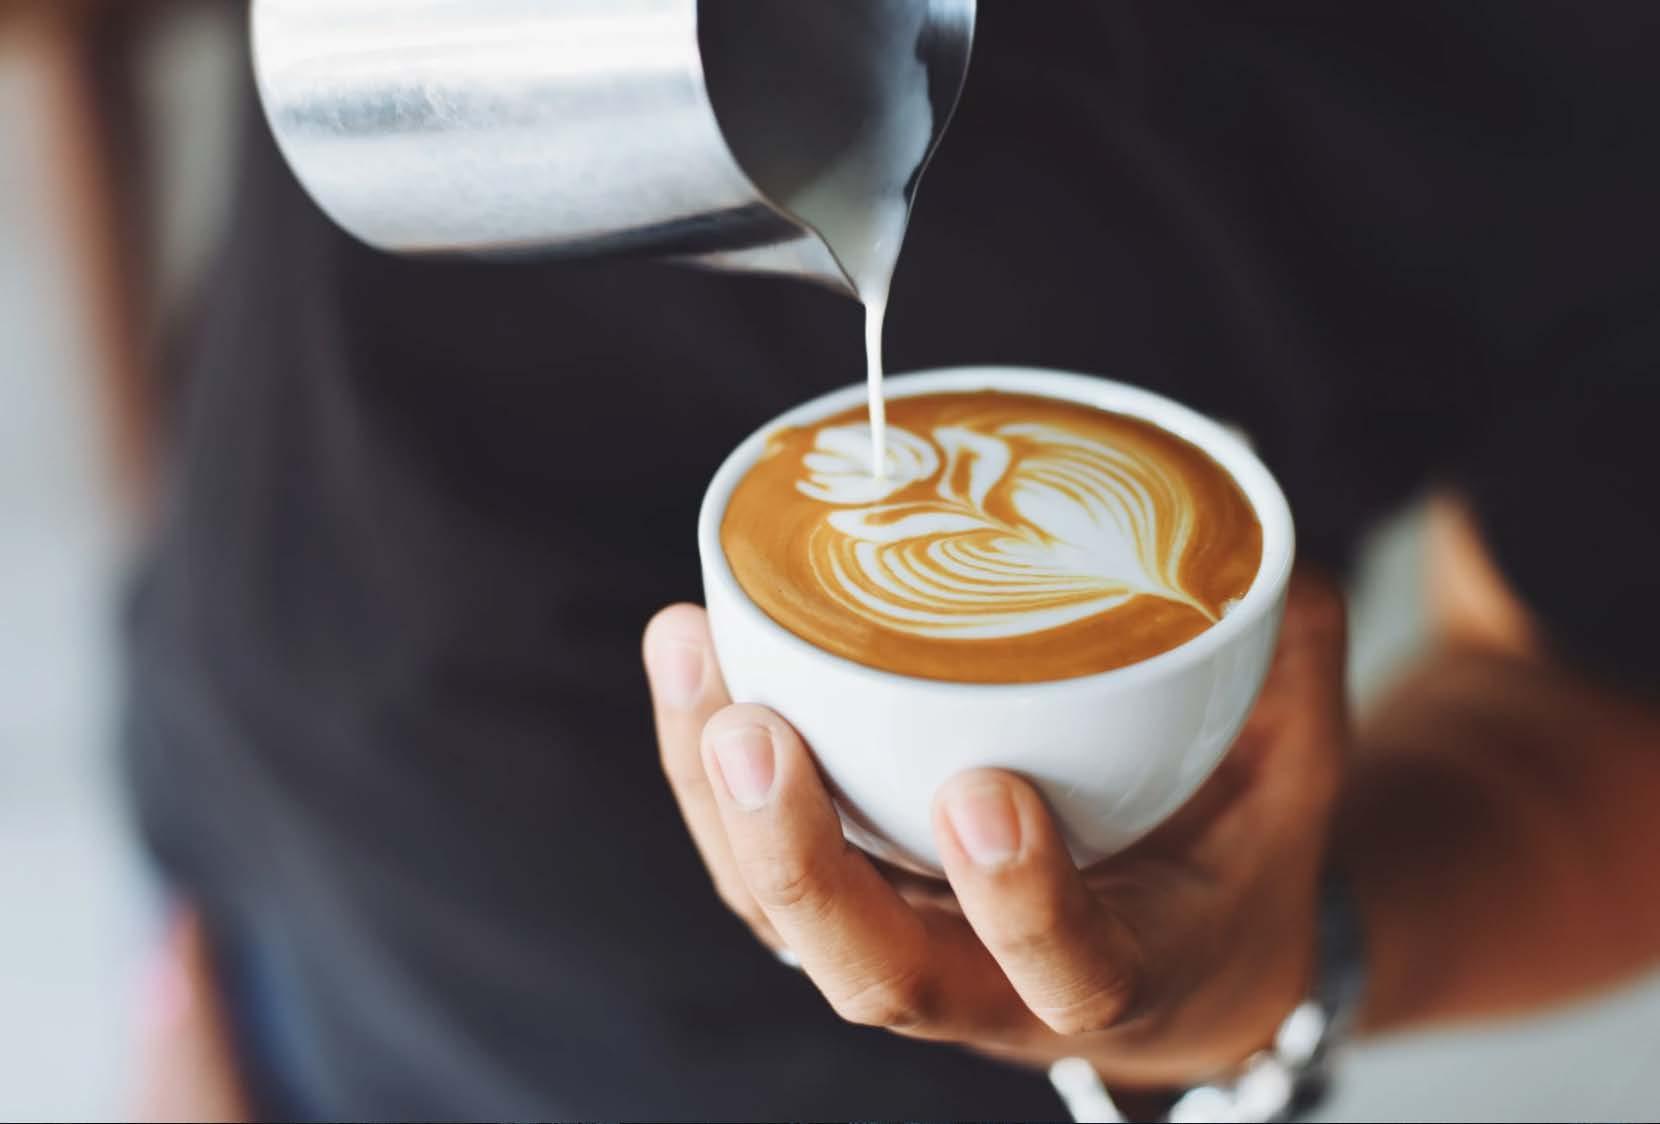 Licensed Cafe Business - Popular Food & Drinks Menu